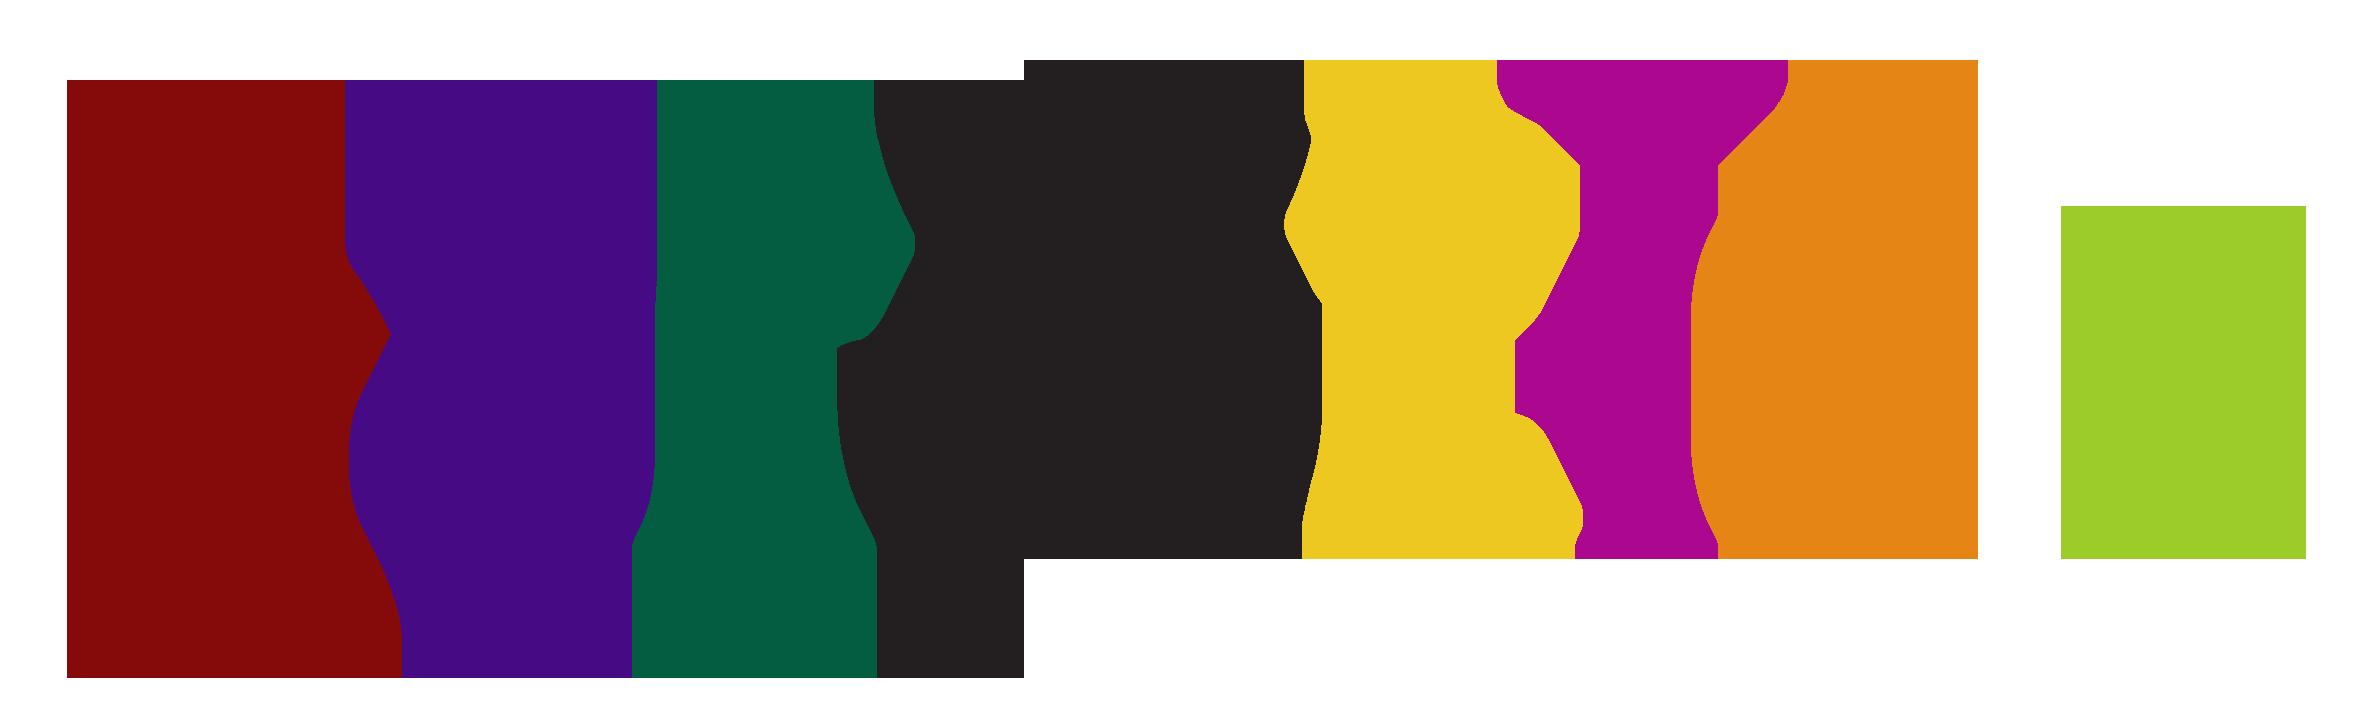 GAROTIOU_logo.png